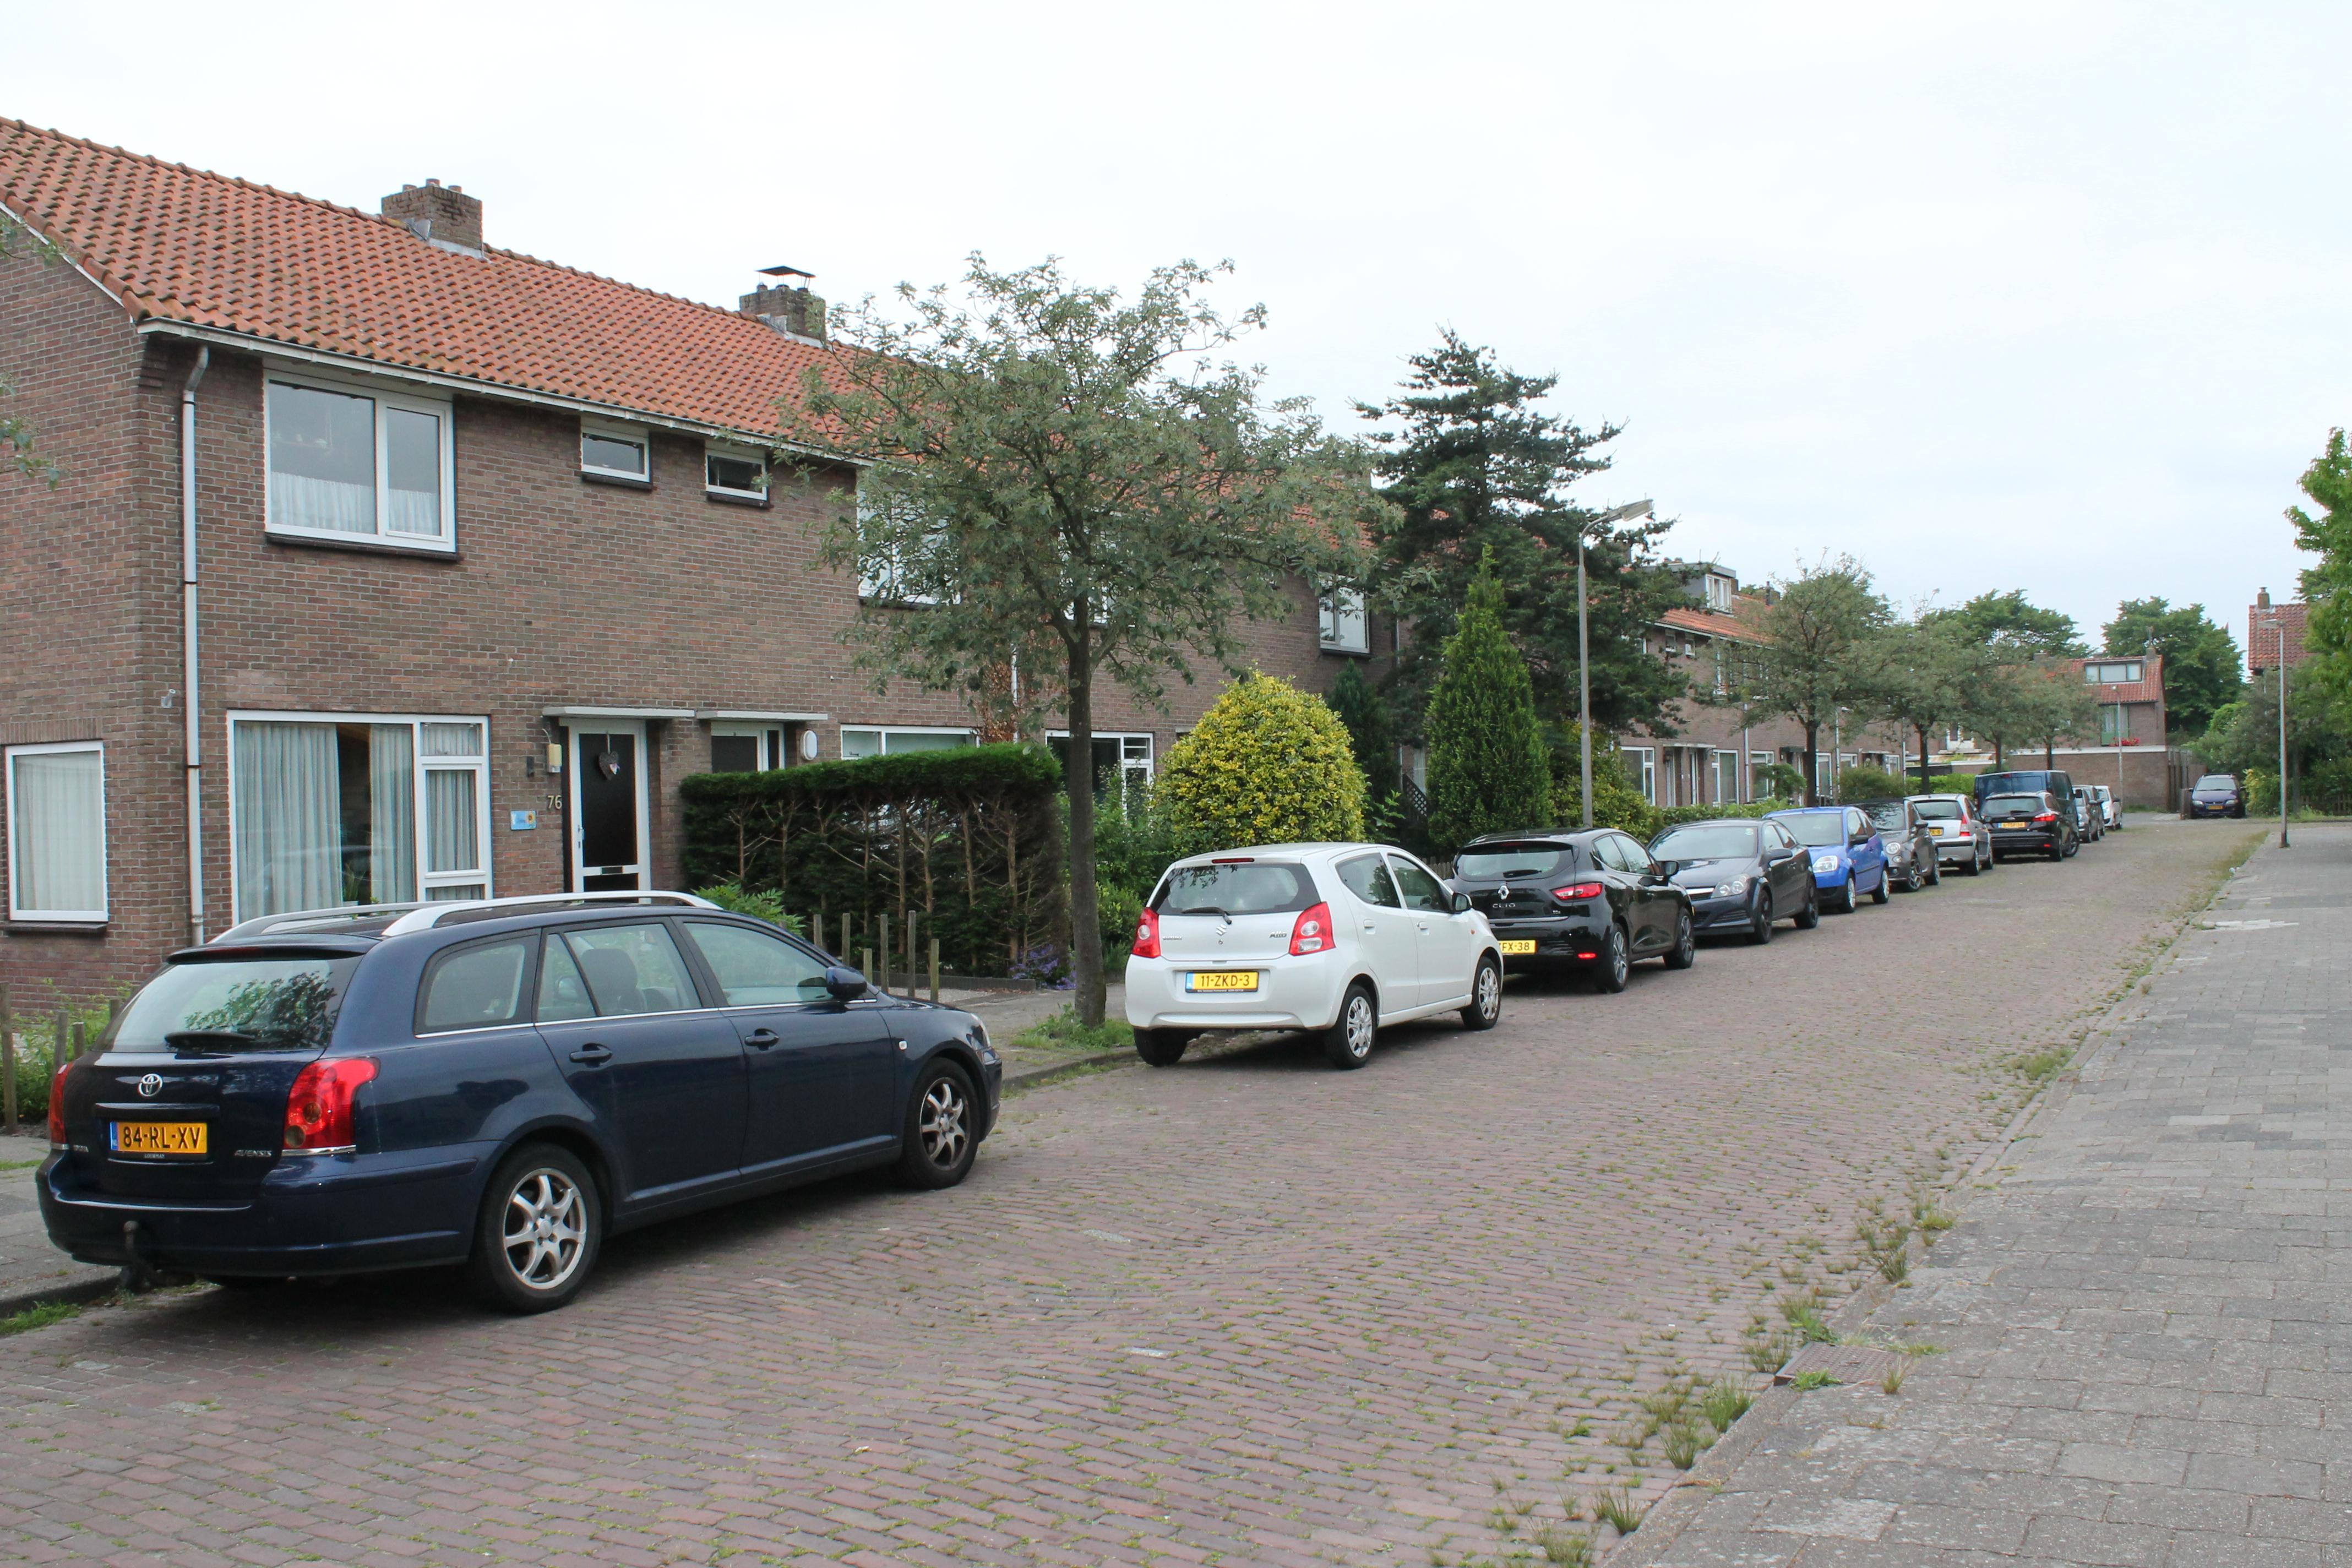 Woningen in de Gasinjetstraat Overwhere maken deel uit van de pilot. Inzet: Op een van de woningen prijkt de tekst Gasvrij. (Foto's: John Bontje)